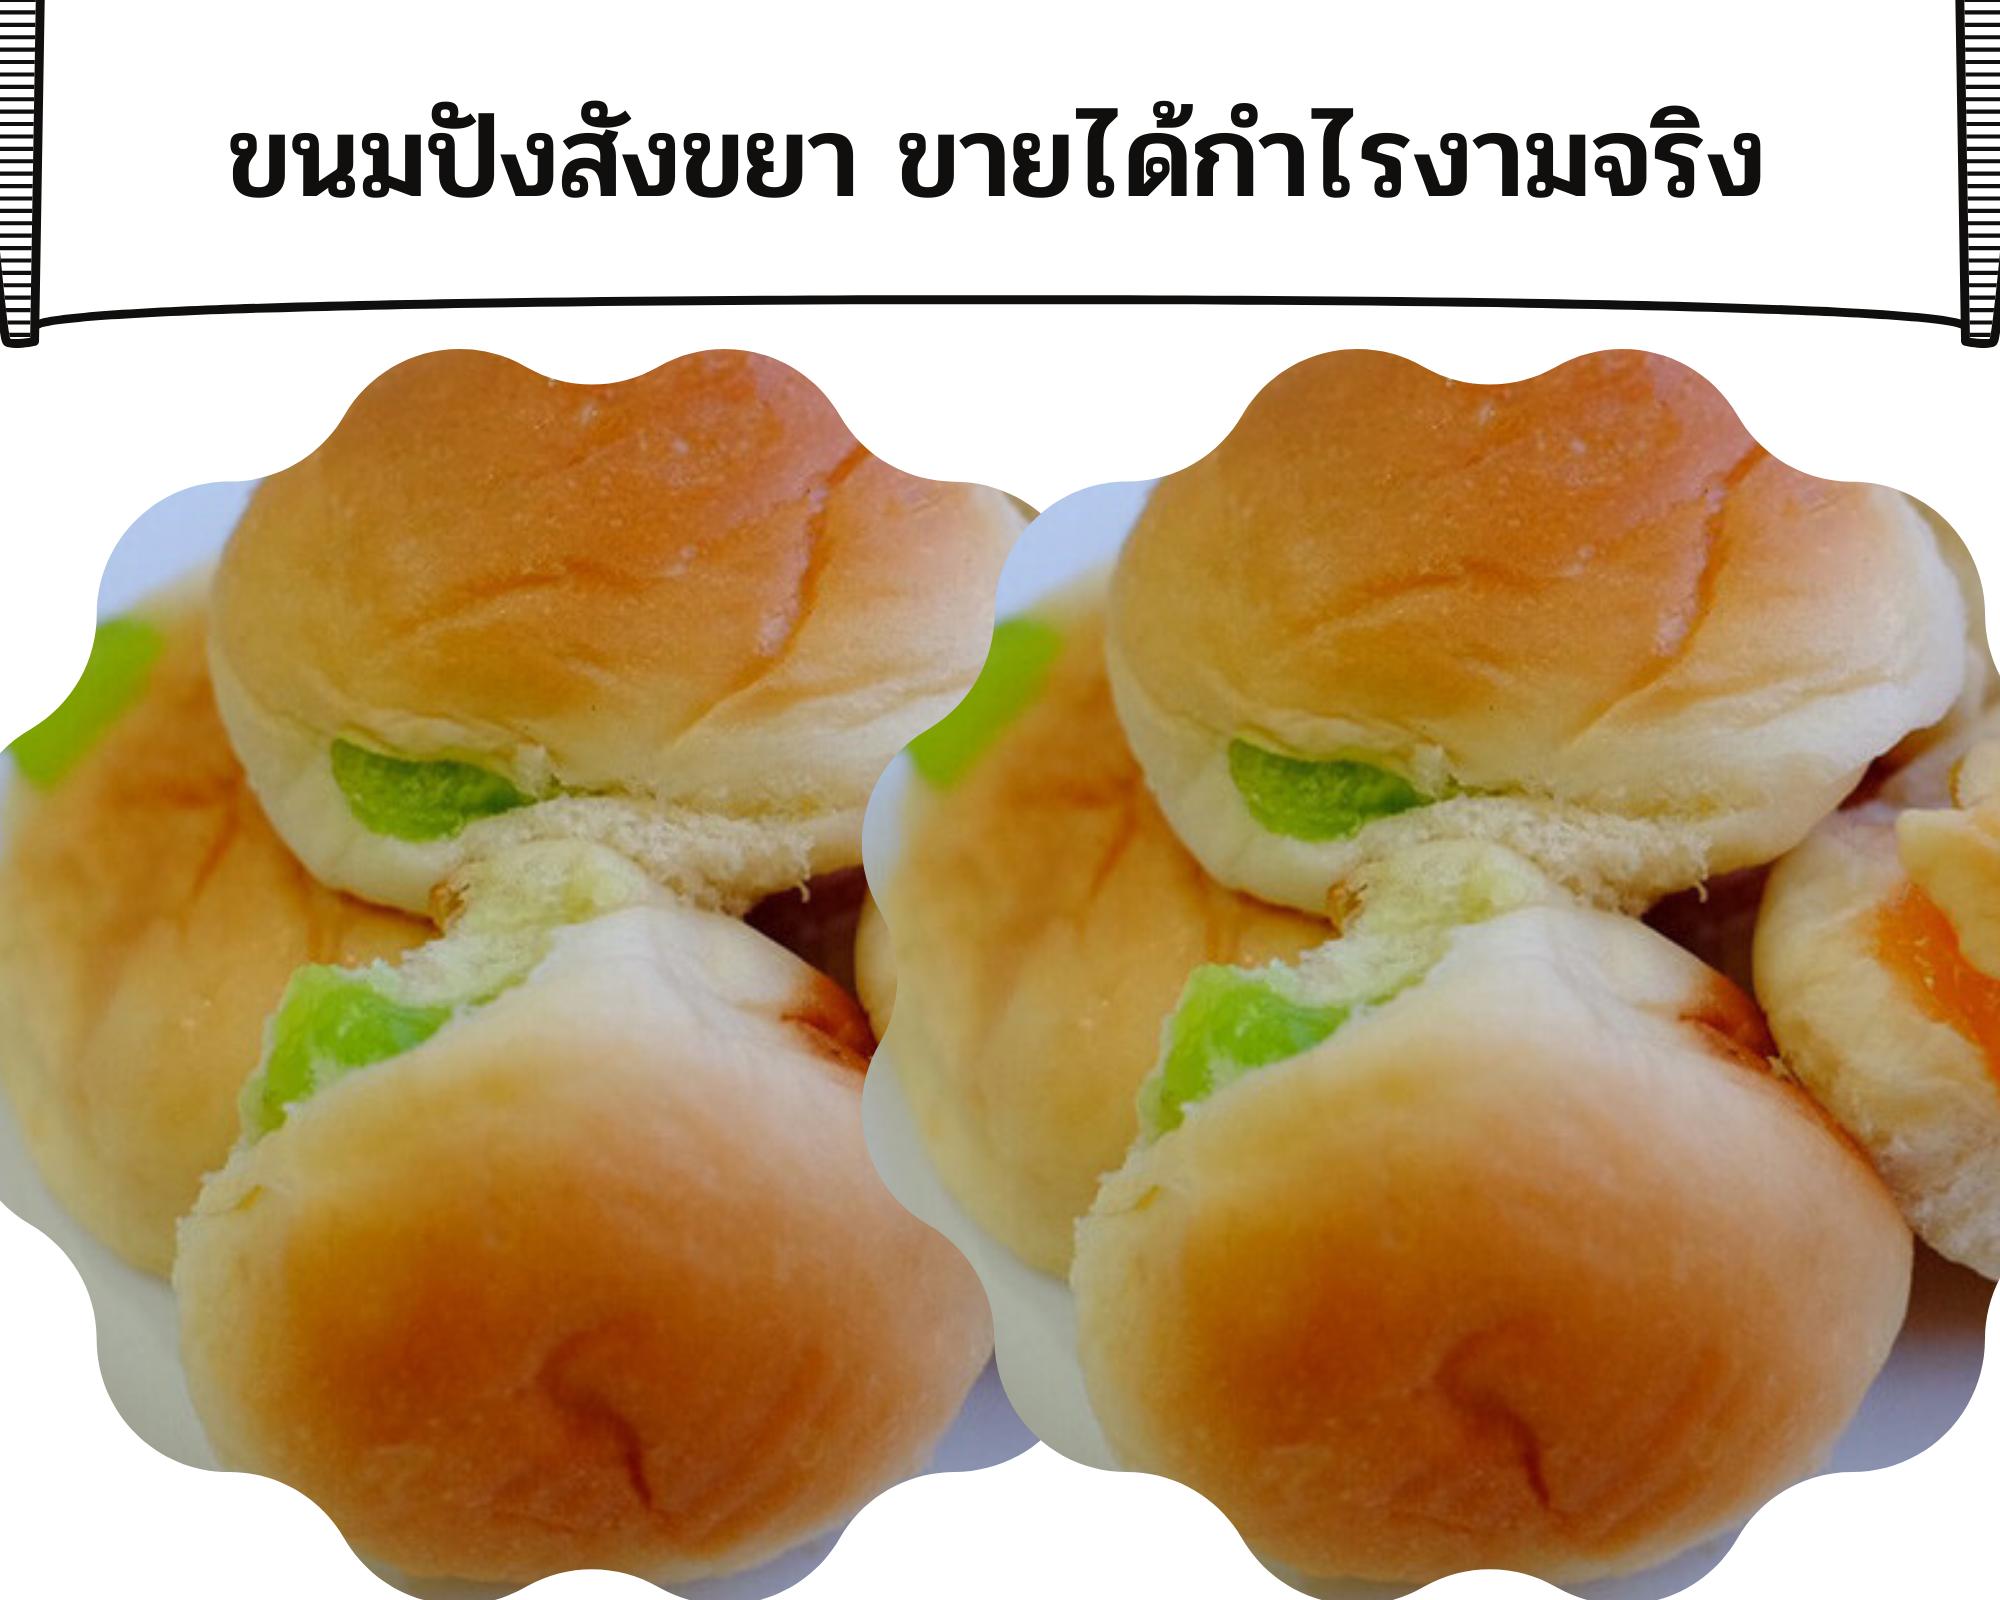 ขนมปังสังขยา